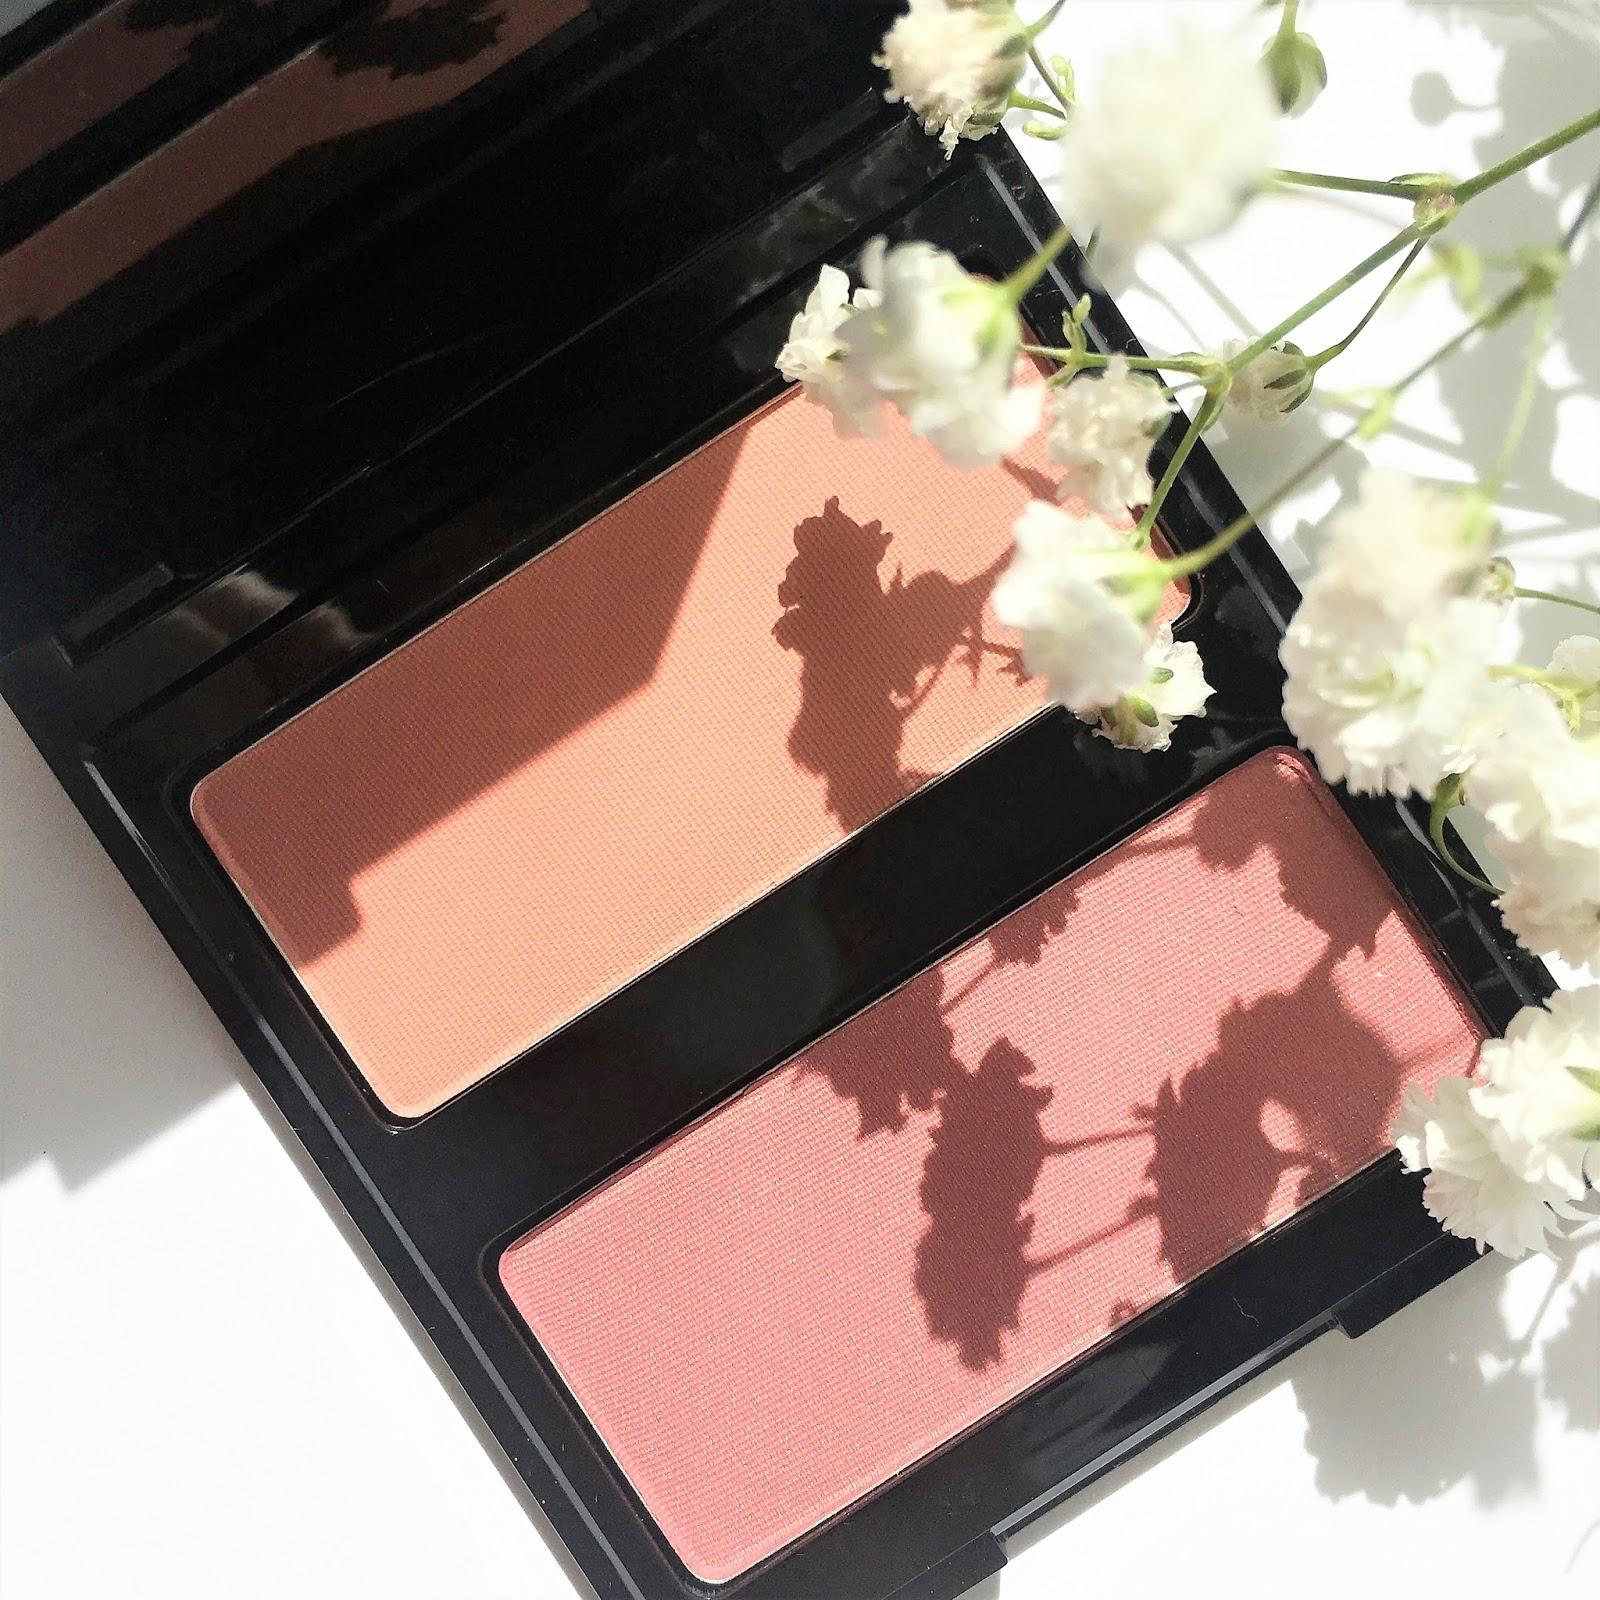 Róż - najbardziej wiosenny kosmetyk